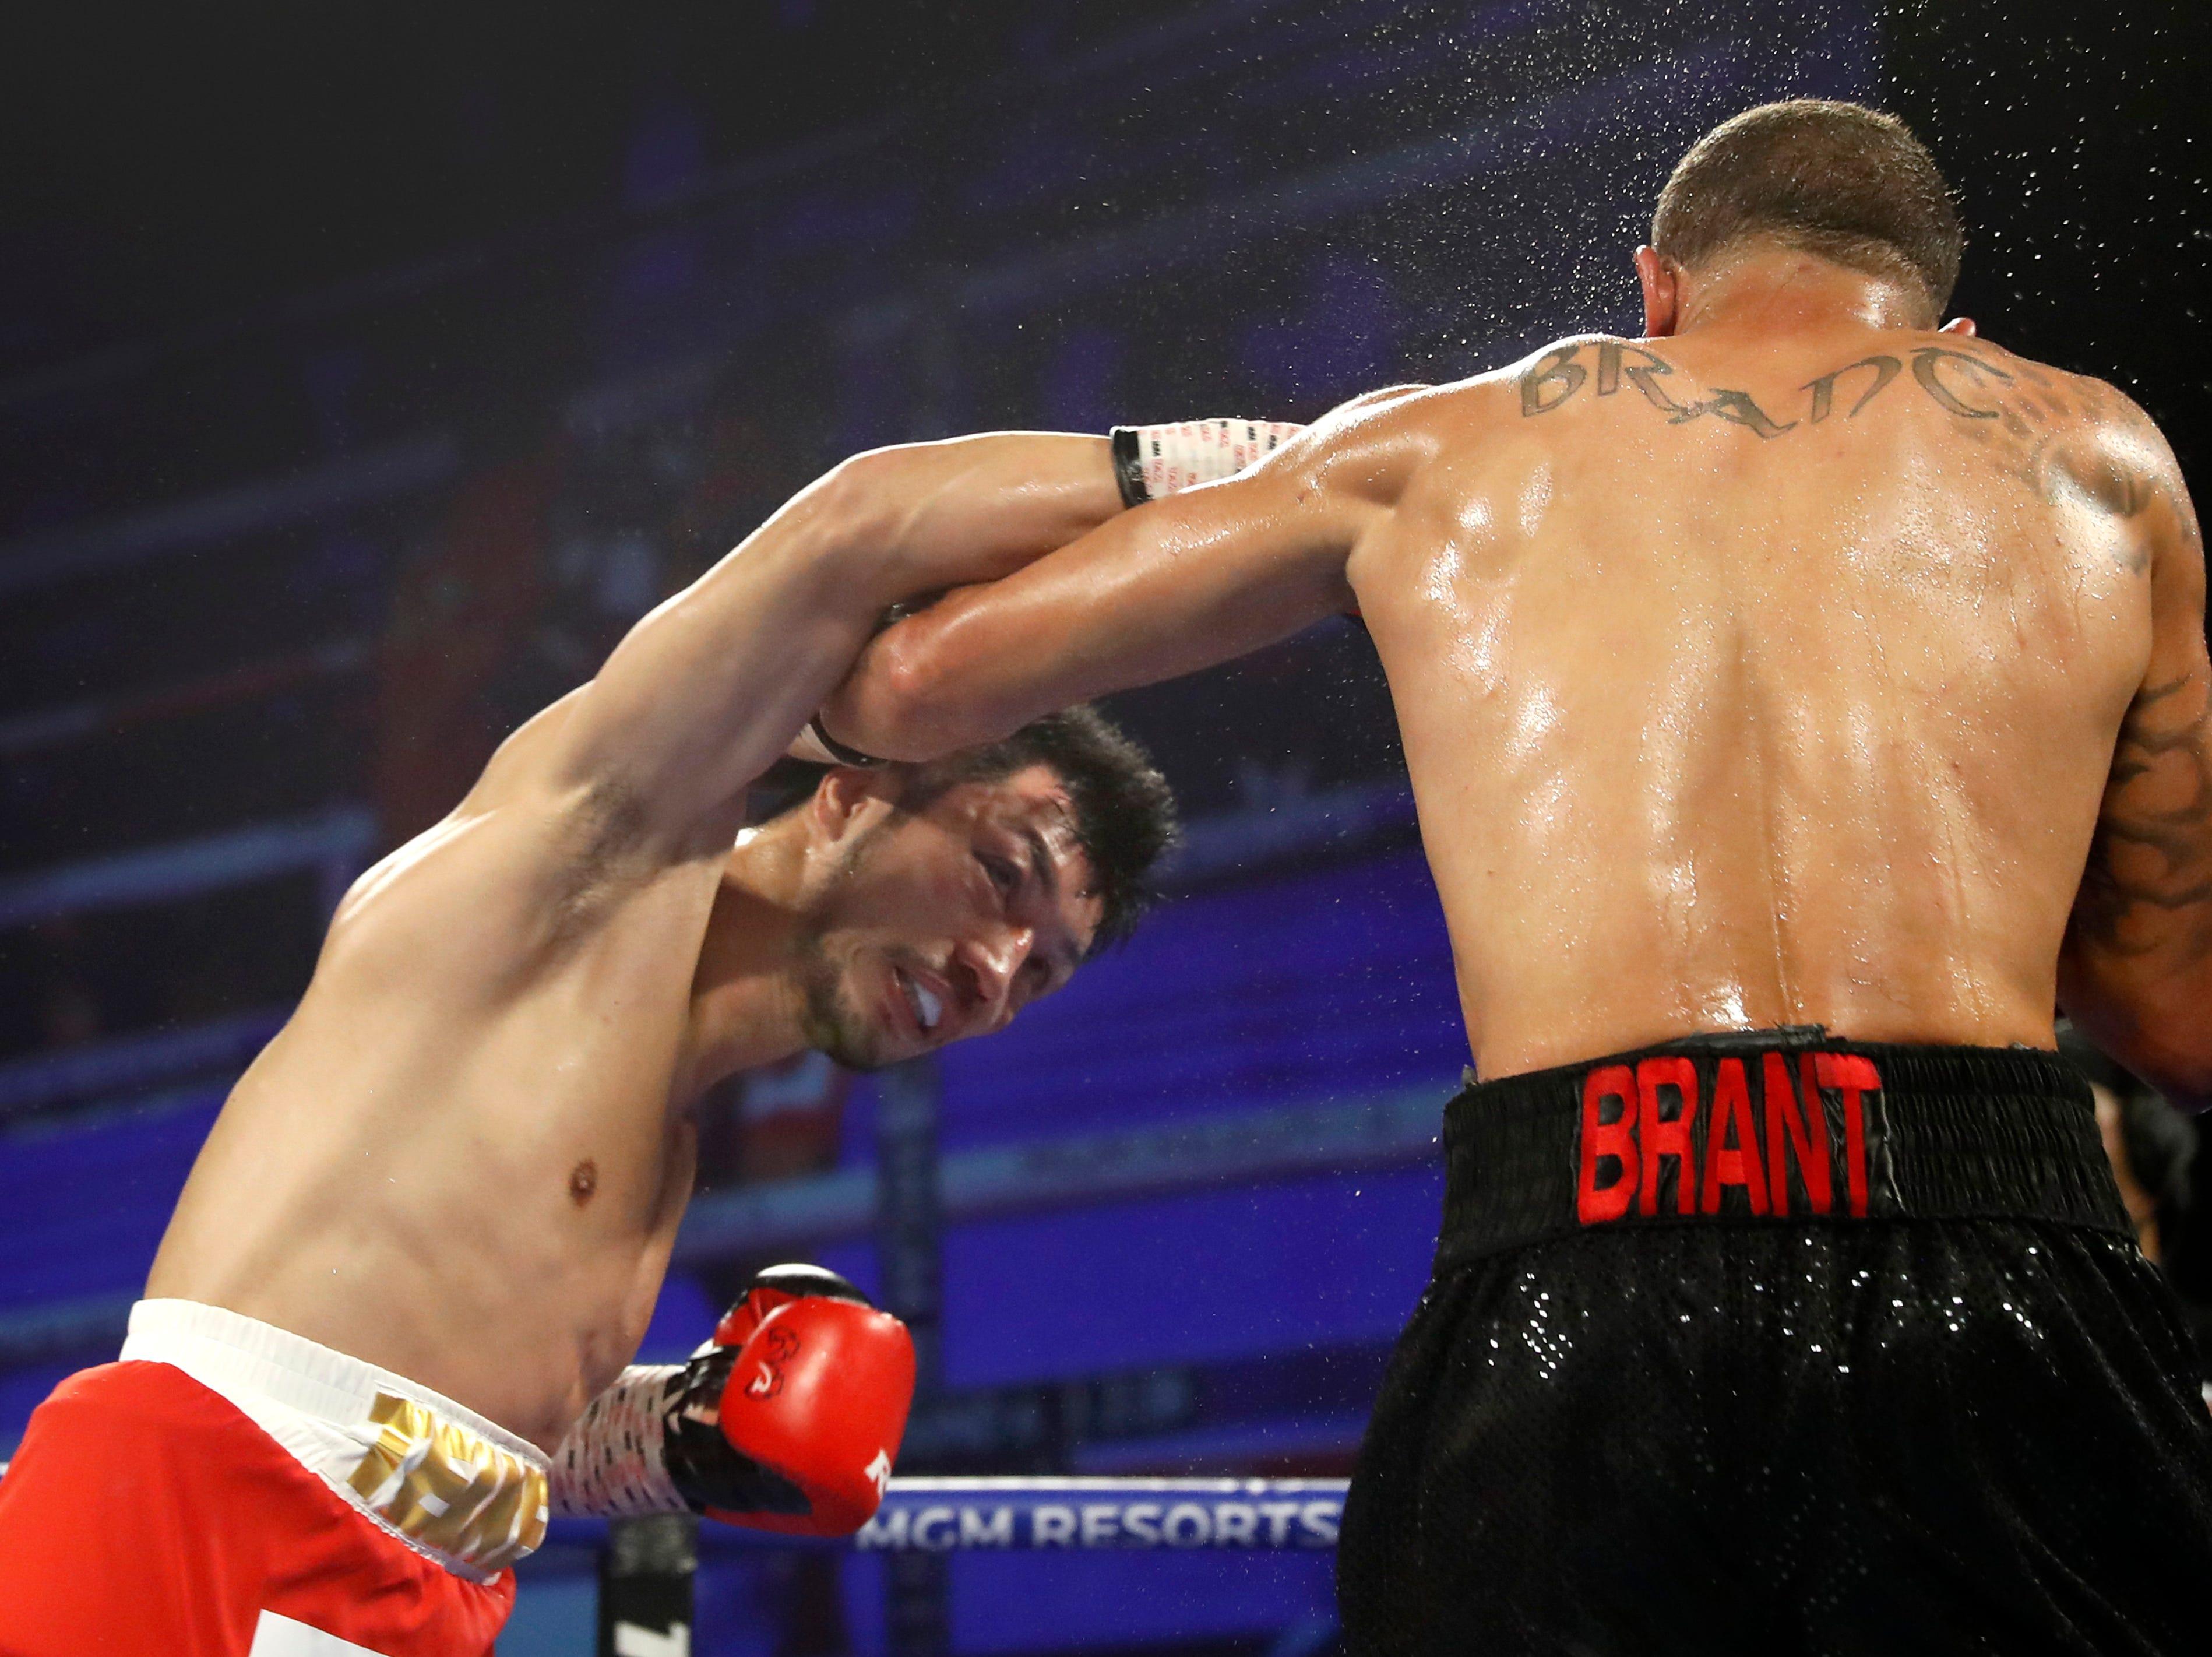 El púgil texano Rob Grant dio la sorpresa al derrotar al invicto japonés Ryota Murata por decisión unánime para arrebatarle así el campeonato mundial medio de la AMB el sábado 20 de octubre de 2018, en el MGM Park Theatre de Las Vegas, Nevada